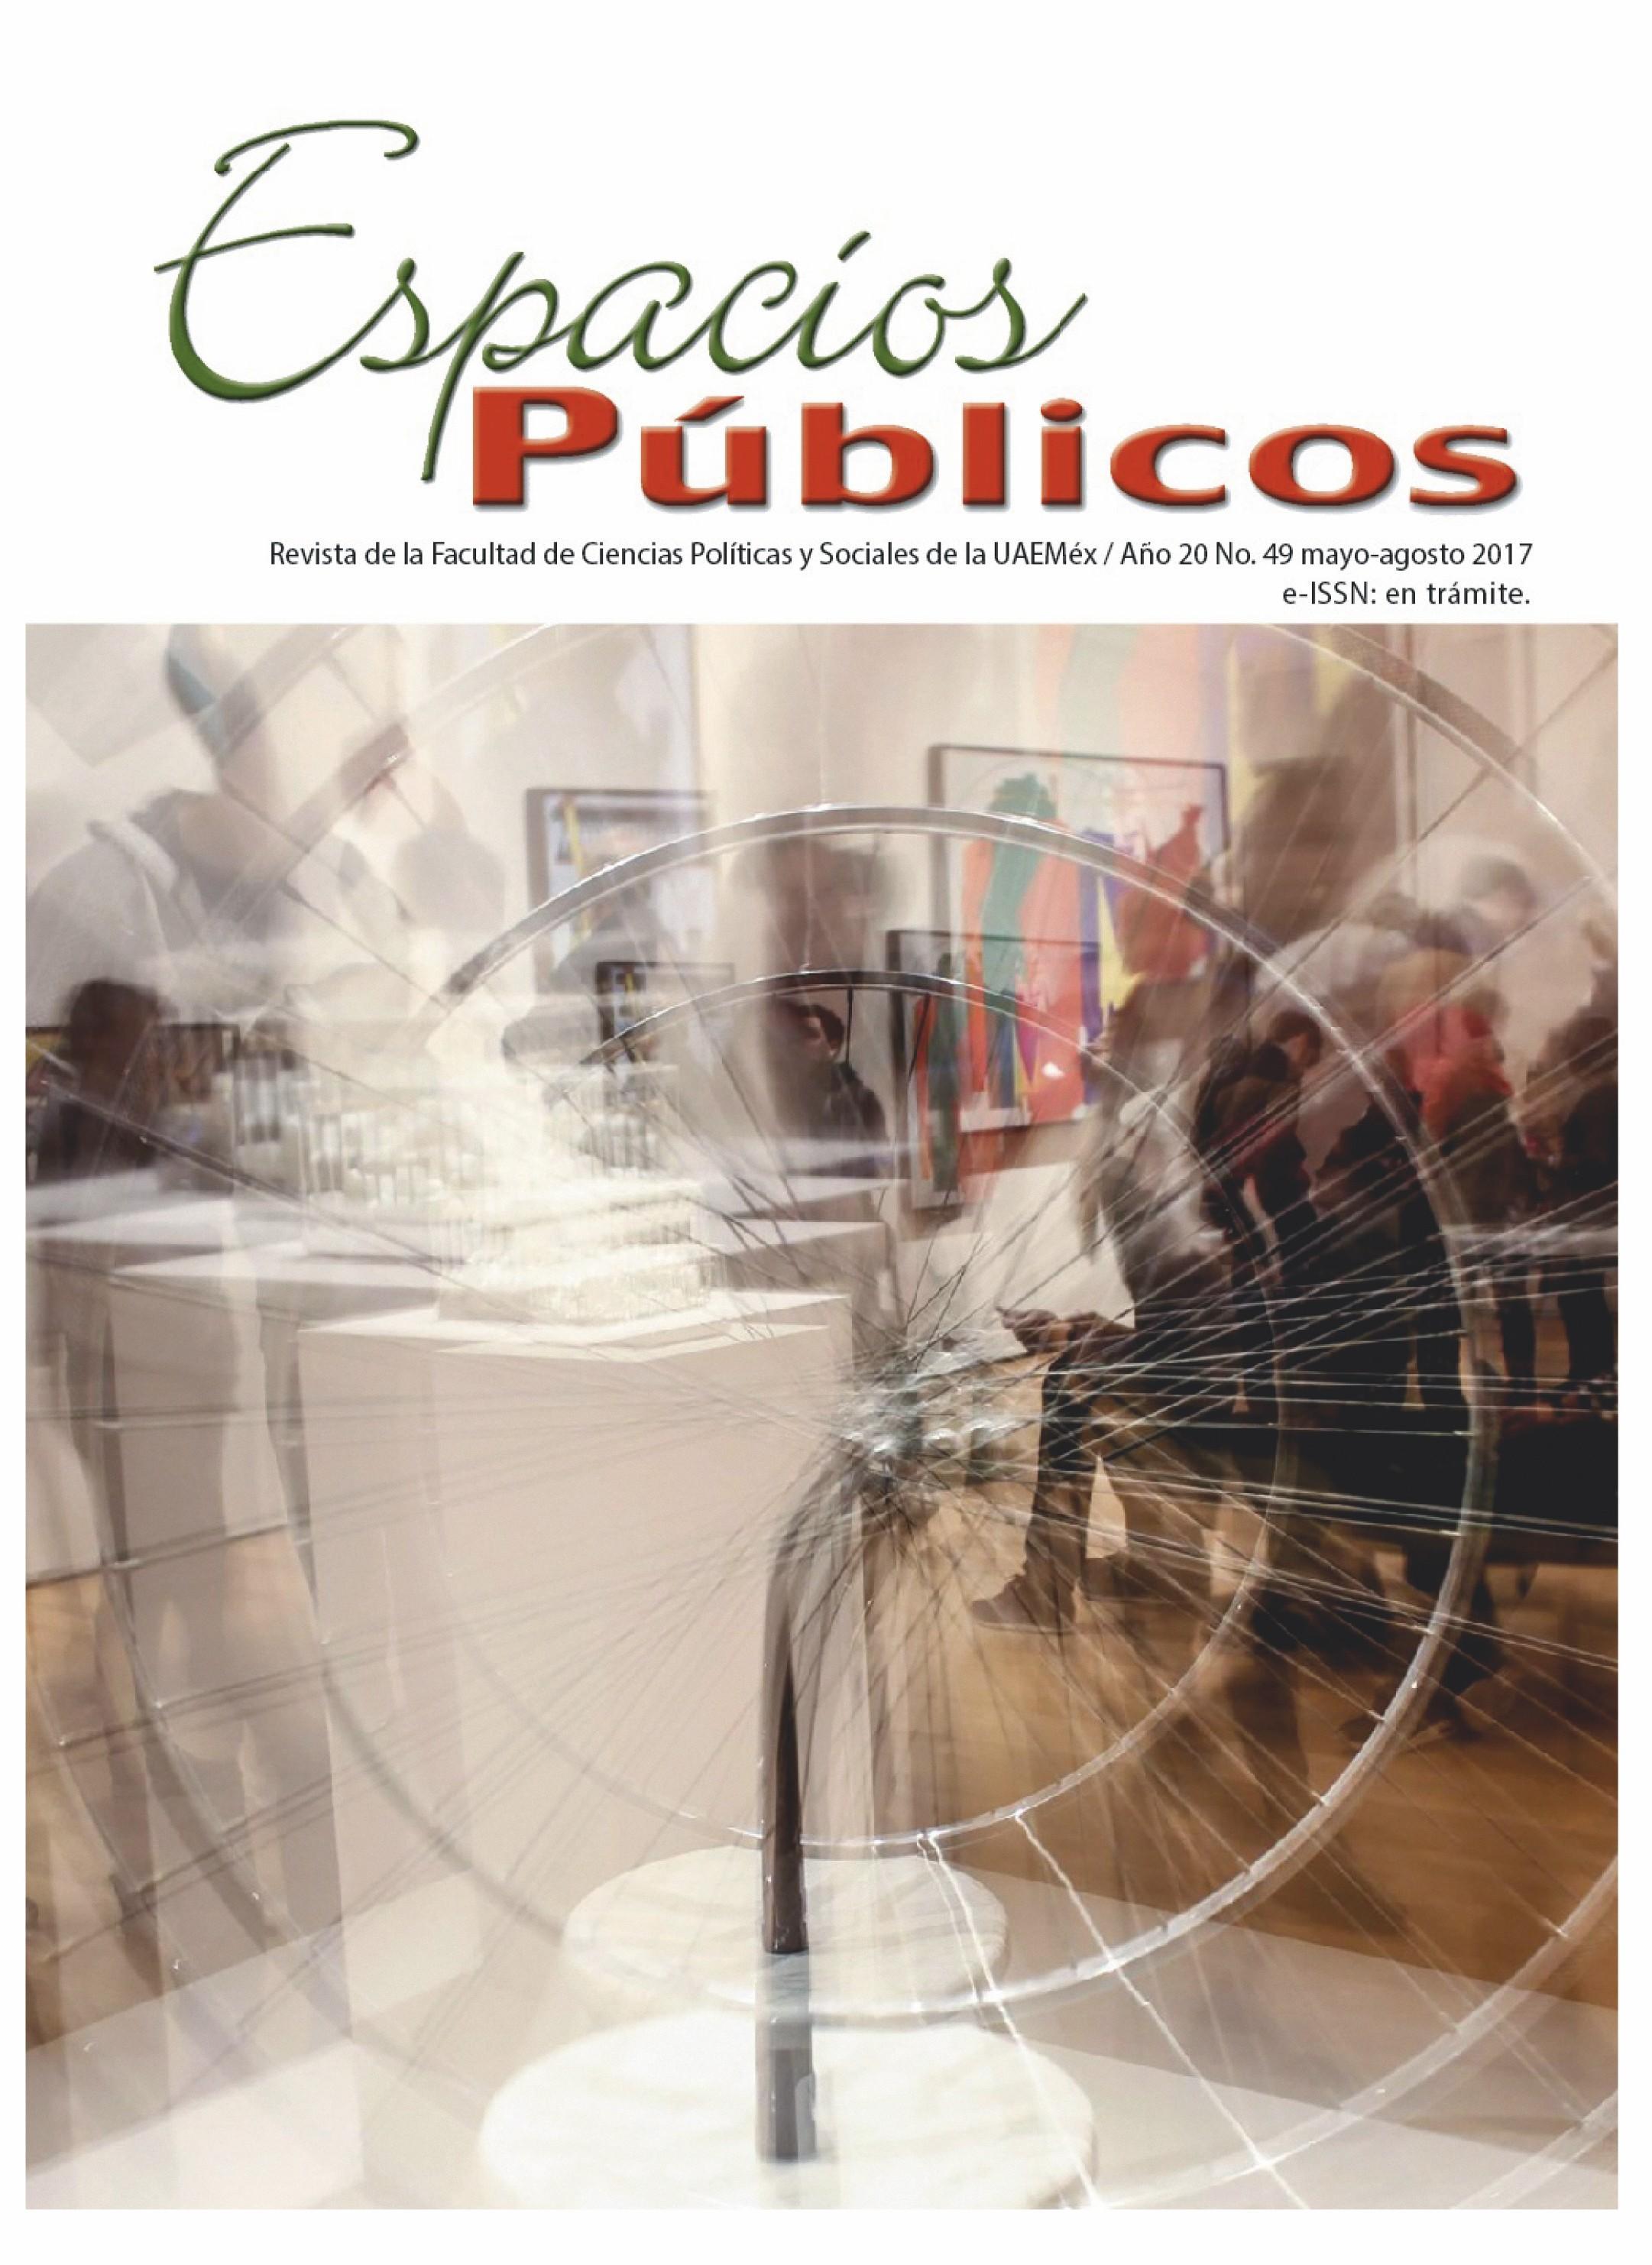 Revista Espacios públicos de la Facultad de Ciencias Políticas y Sociales de la Universidad Autónoma del Estado de México, 2017.